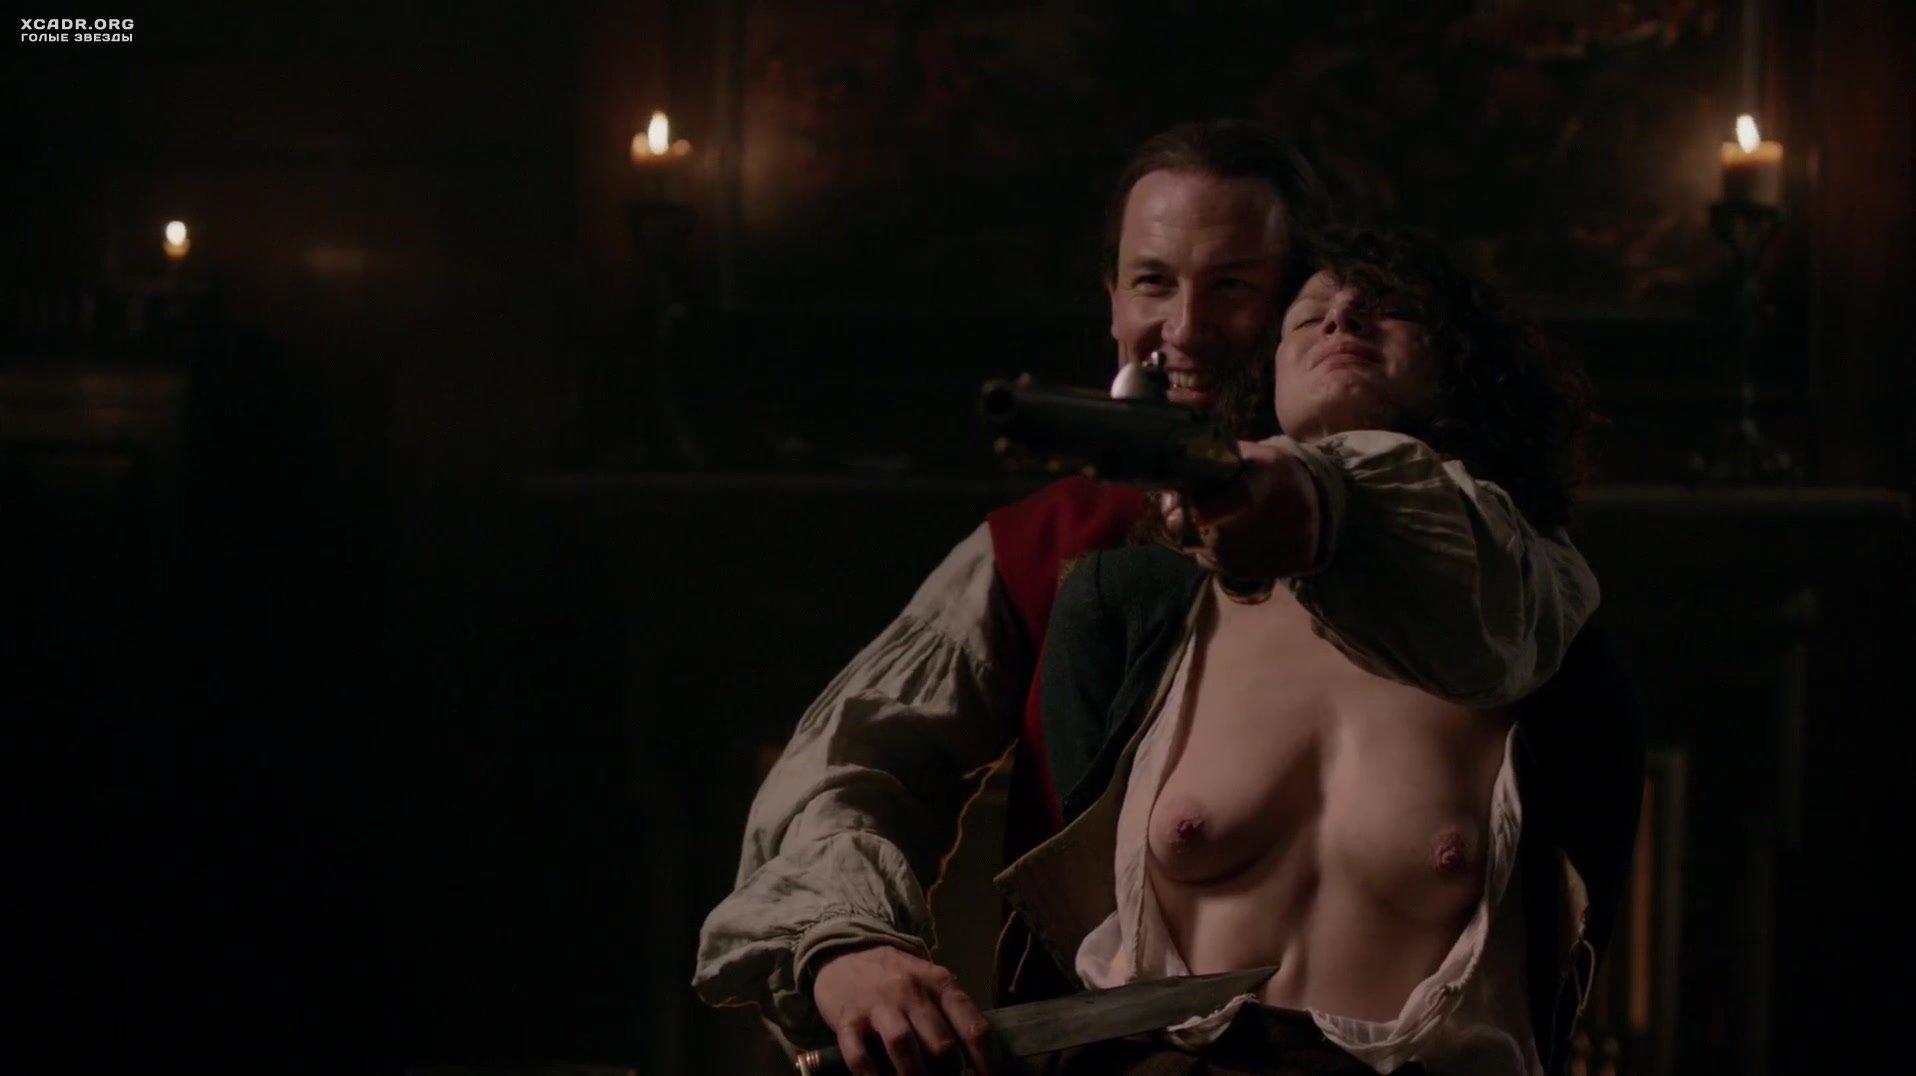 Его секс сцены чужестранка рассказывала